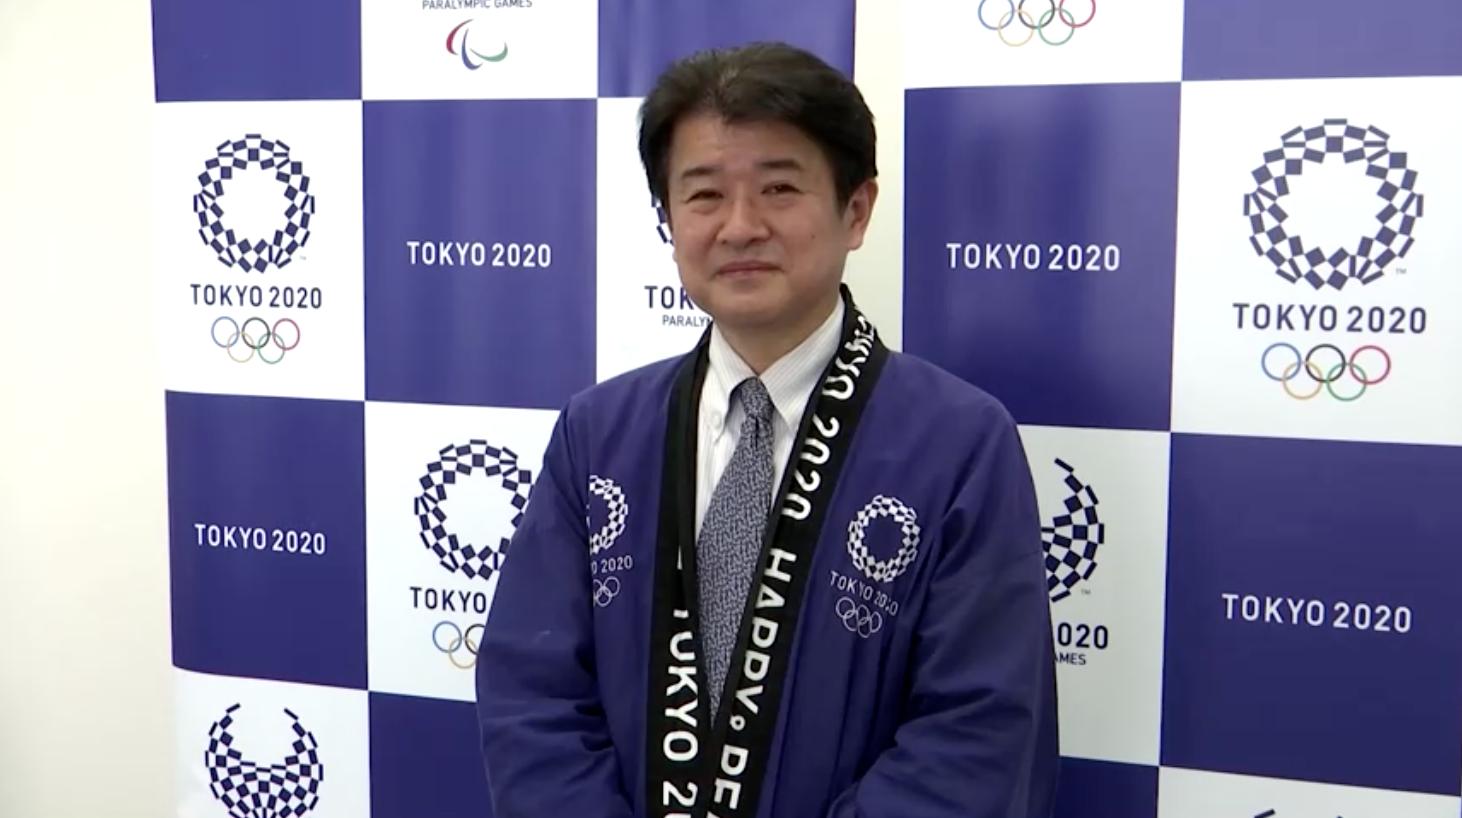 Thế vận hội Tokyo vẫn có thể bị hủy do COVID-19